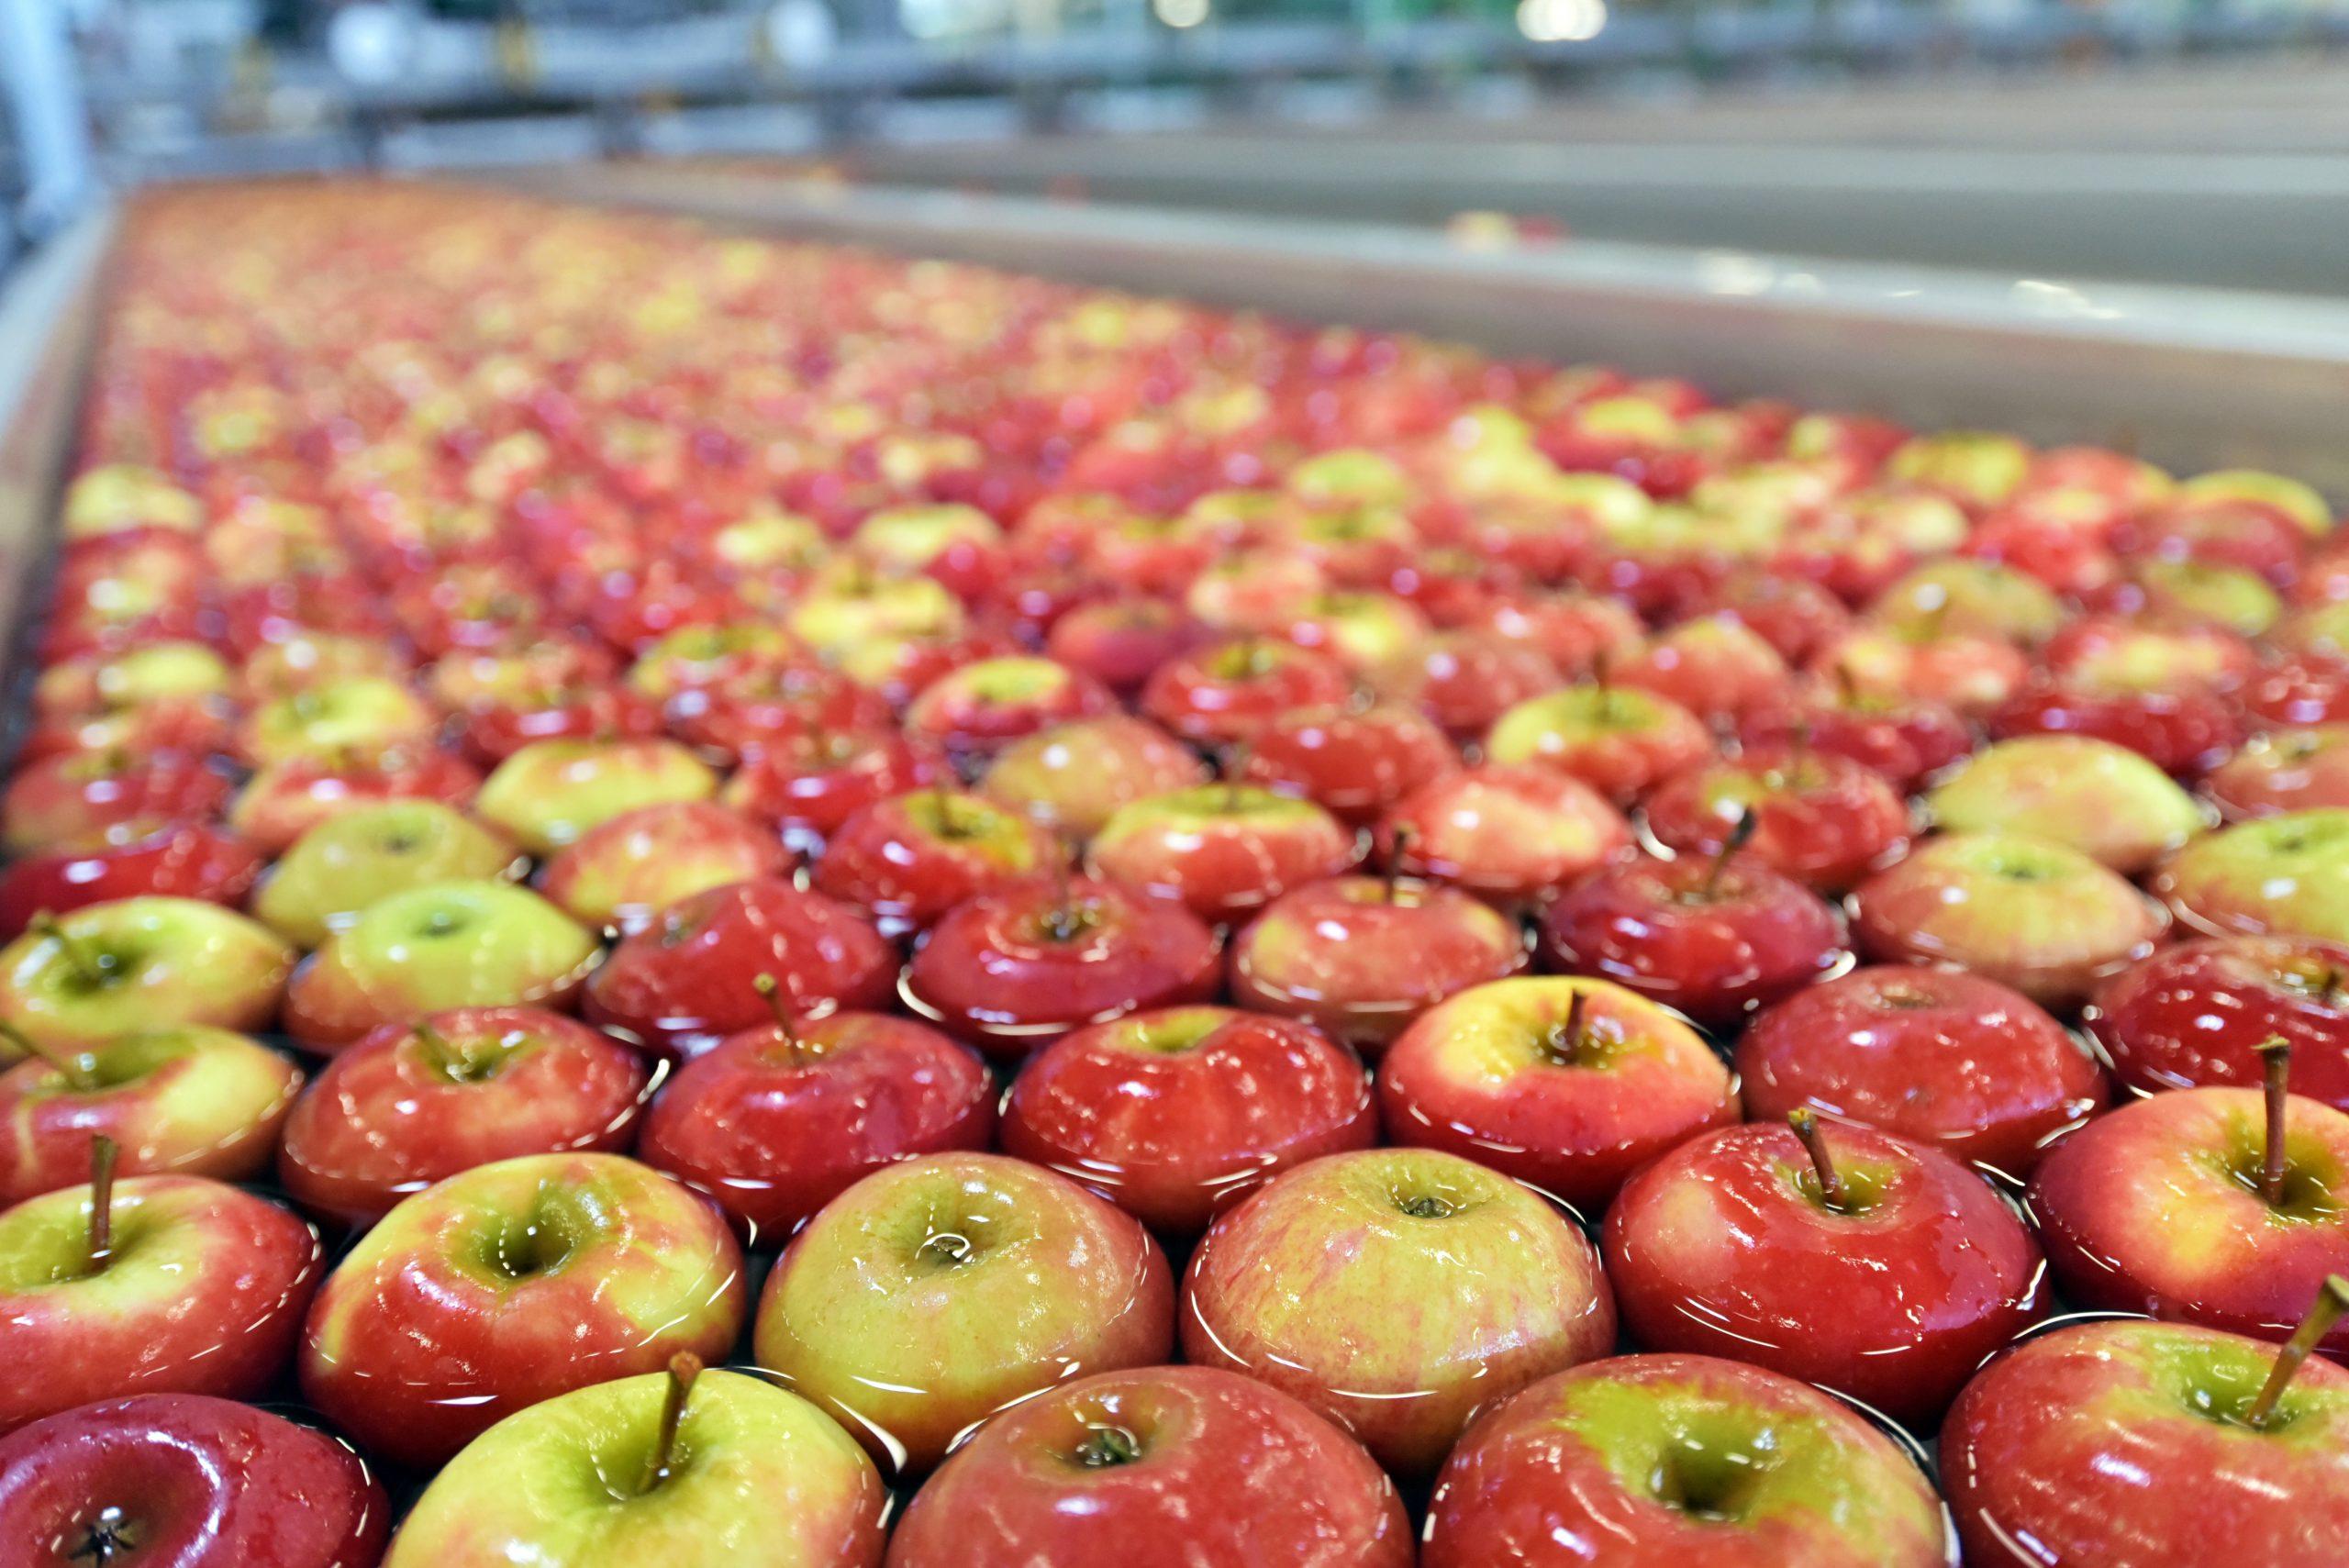 Äpfel in einem großen Transportband gefüllt mit Wasser bei der industriellen Lebensmittelherstellung.